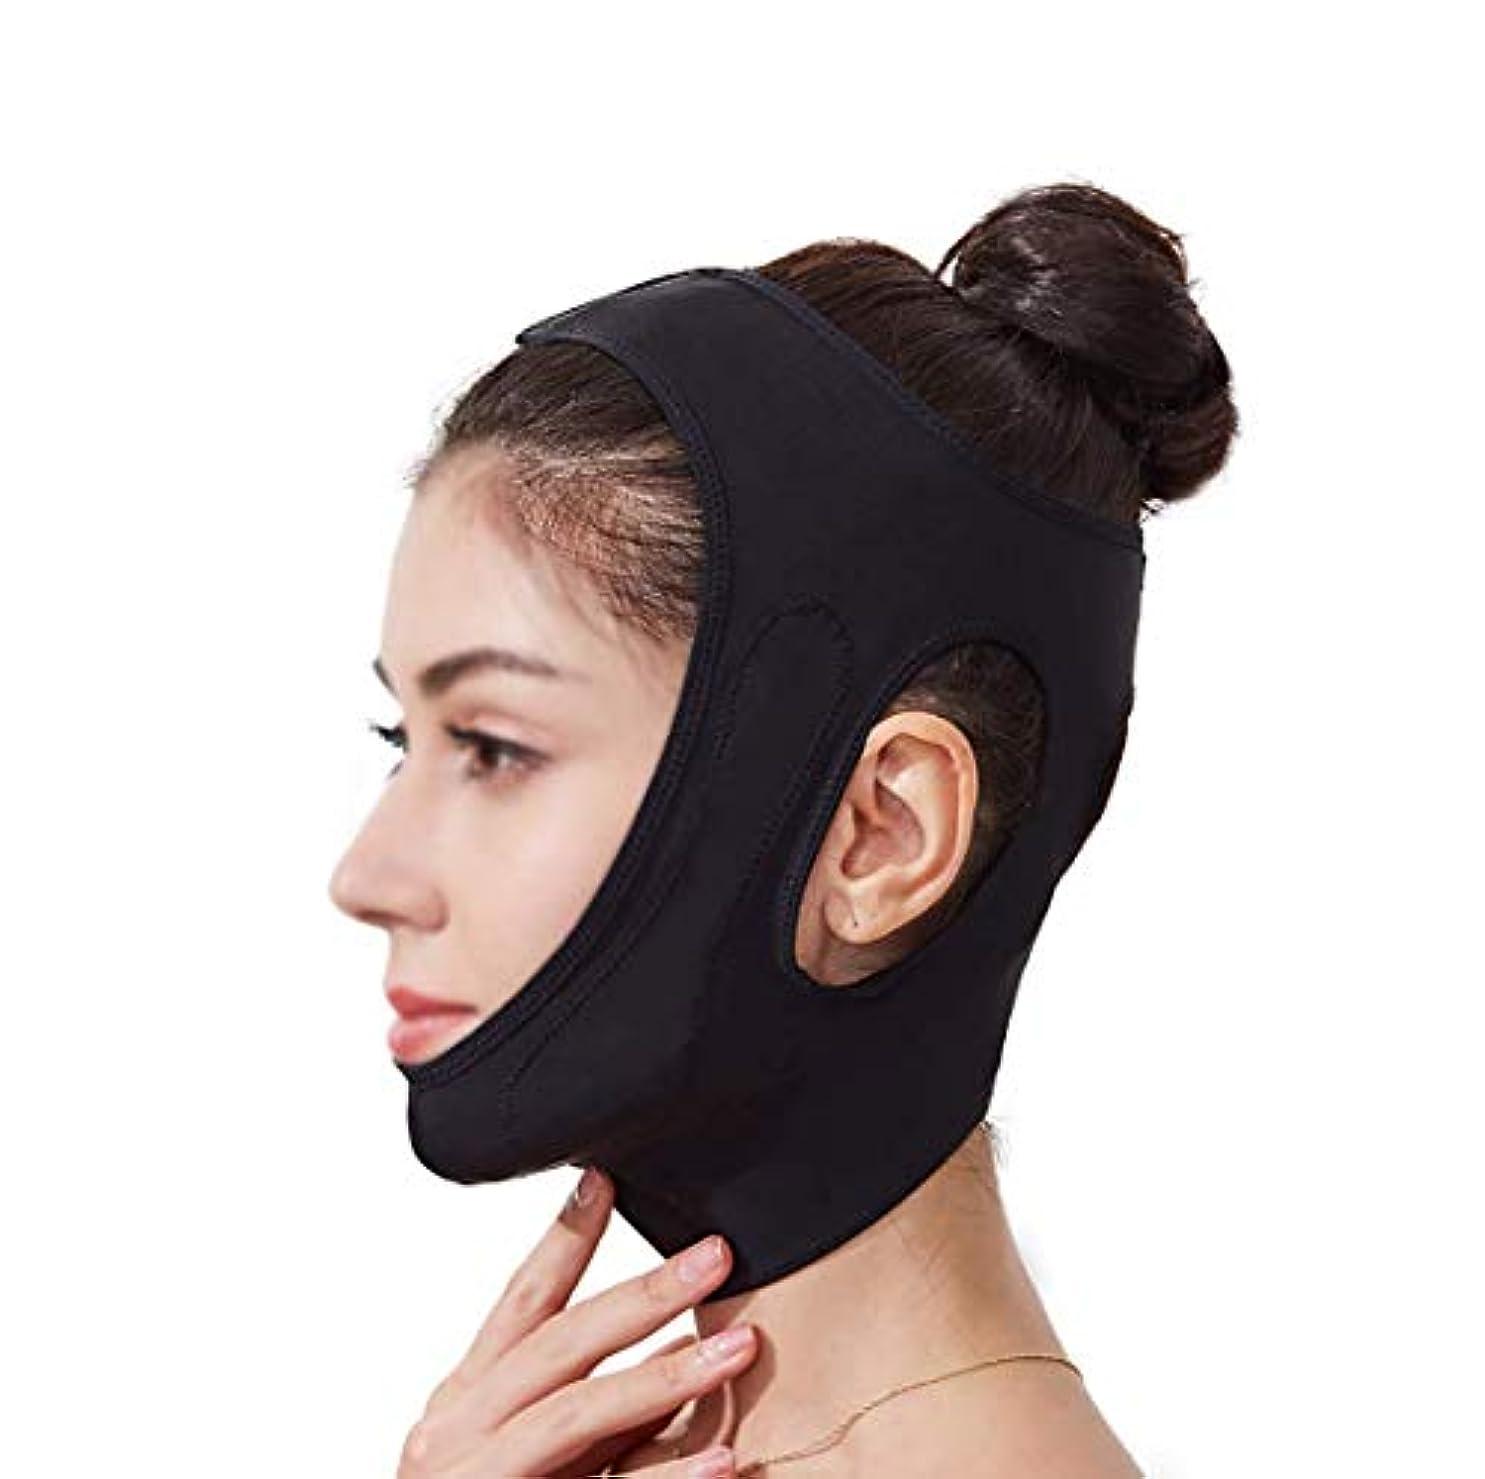 九女王成果フェイスリフティングマスク、360°オールラウンドリフティングフェイシャルコンター、あごを閉じて肌を引き締め、快適でフェイスライトをサポートし、通気性を保ちます(サイズ:ブラック),ブラック